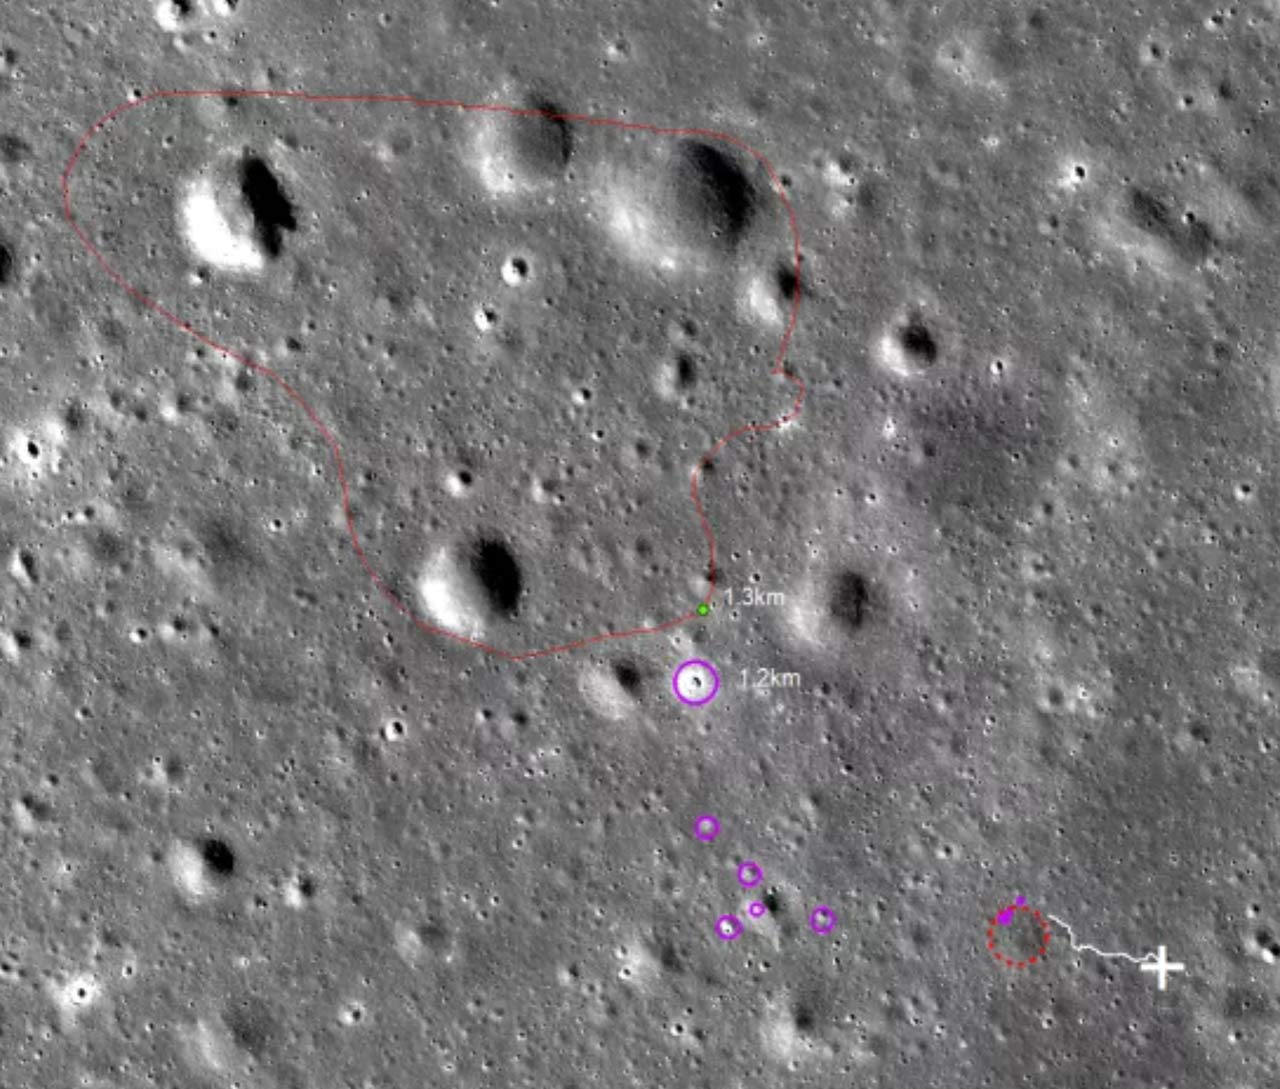 嫦娥四号完成第23月昼工作 嫦娥一号发射13周年